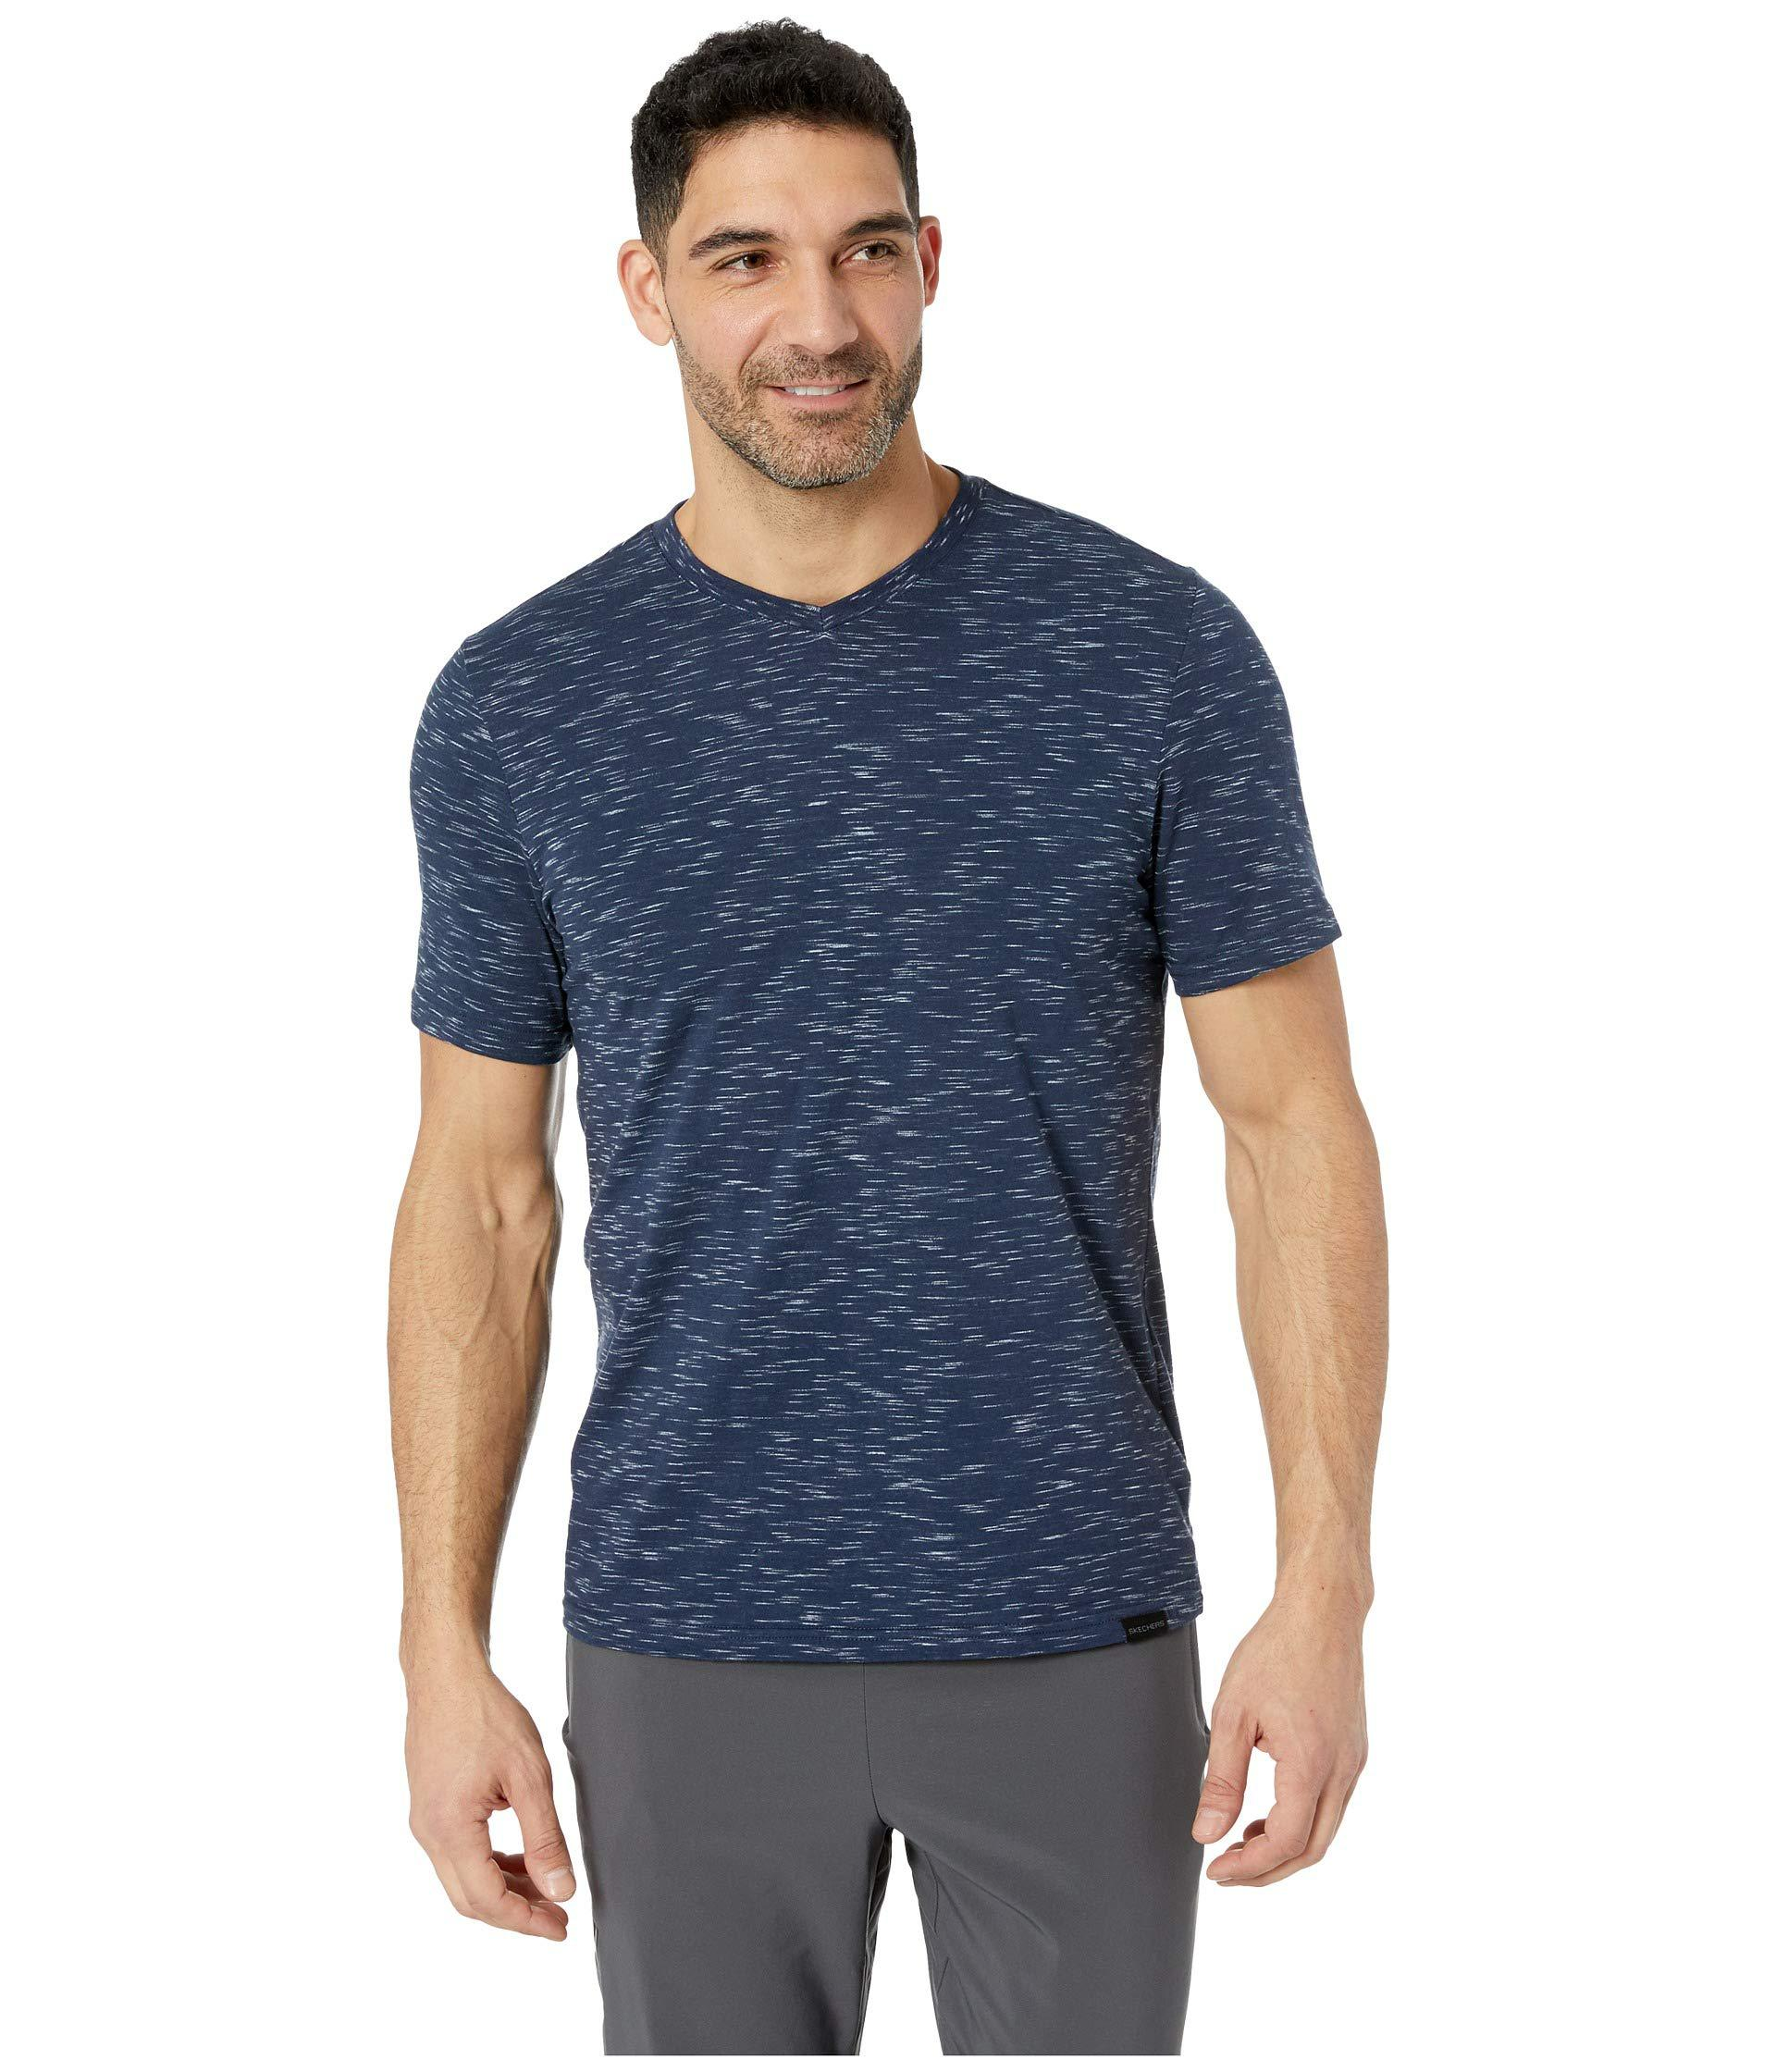 845189aac3b4 Lyst - Skechers Fields V-neck Tee (navy) Men s T Shirt in Blue for Men